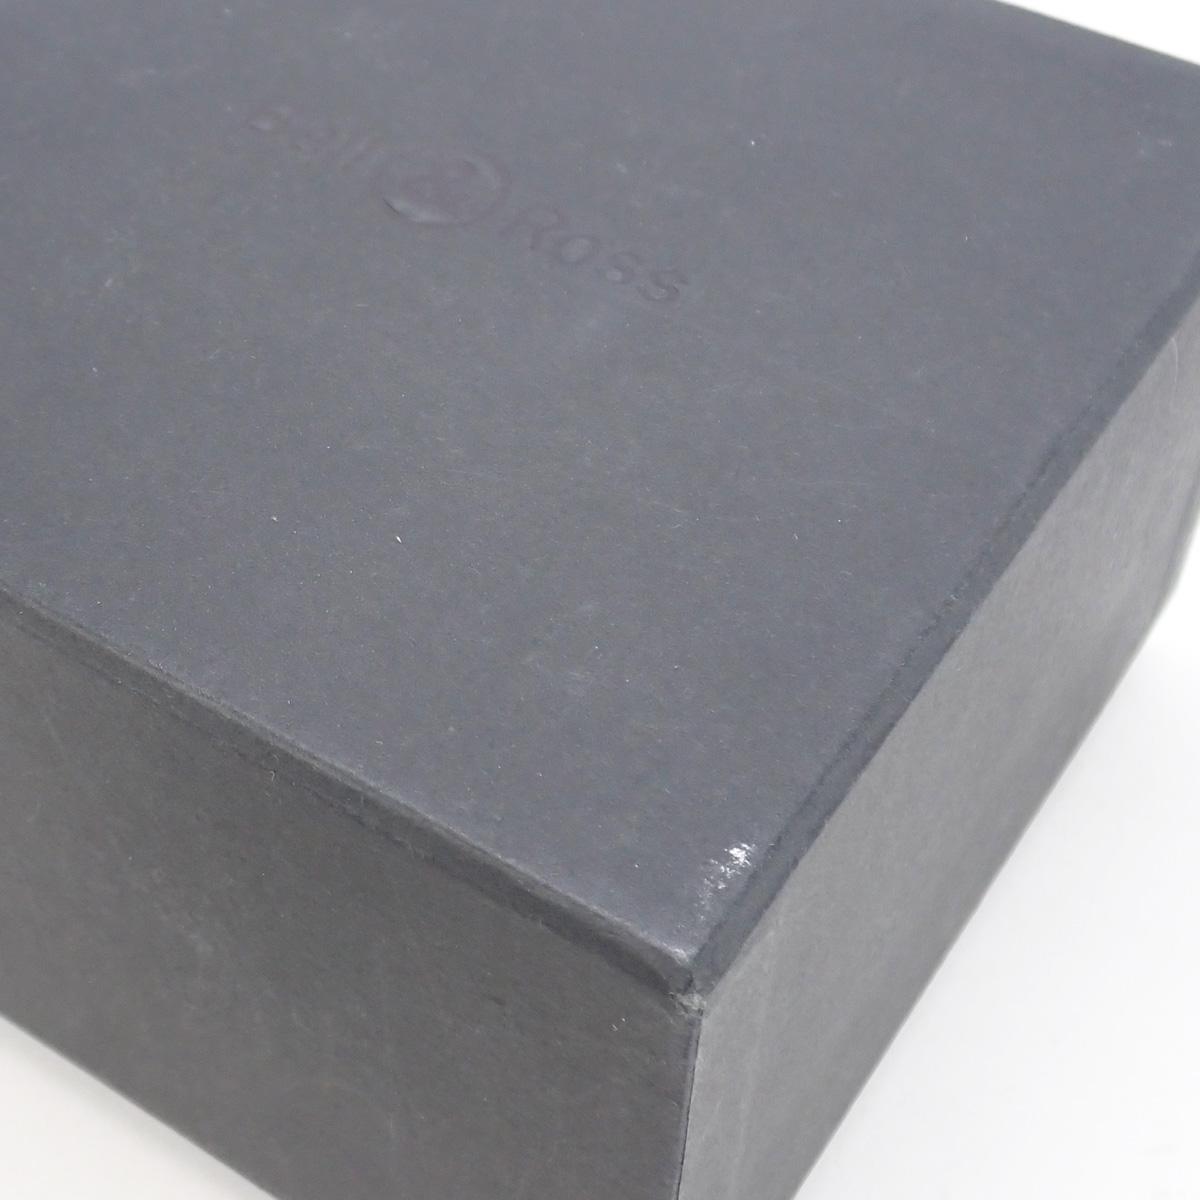 【辛口評価】【Aランク】Bell&Ross ベル&ロス BR V2-92 BLACK STEEL BRV292-BL-ST/SST ブラック文字盤 シルバー